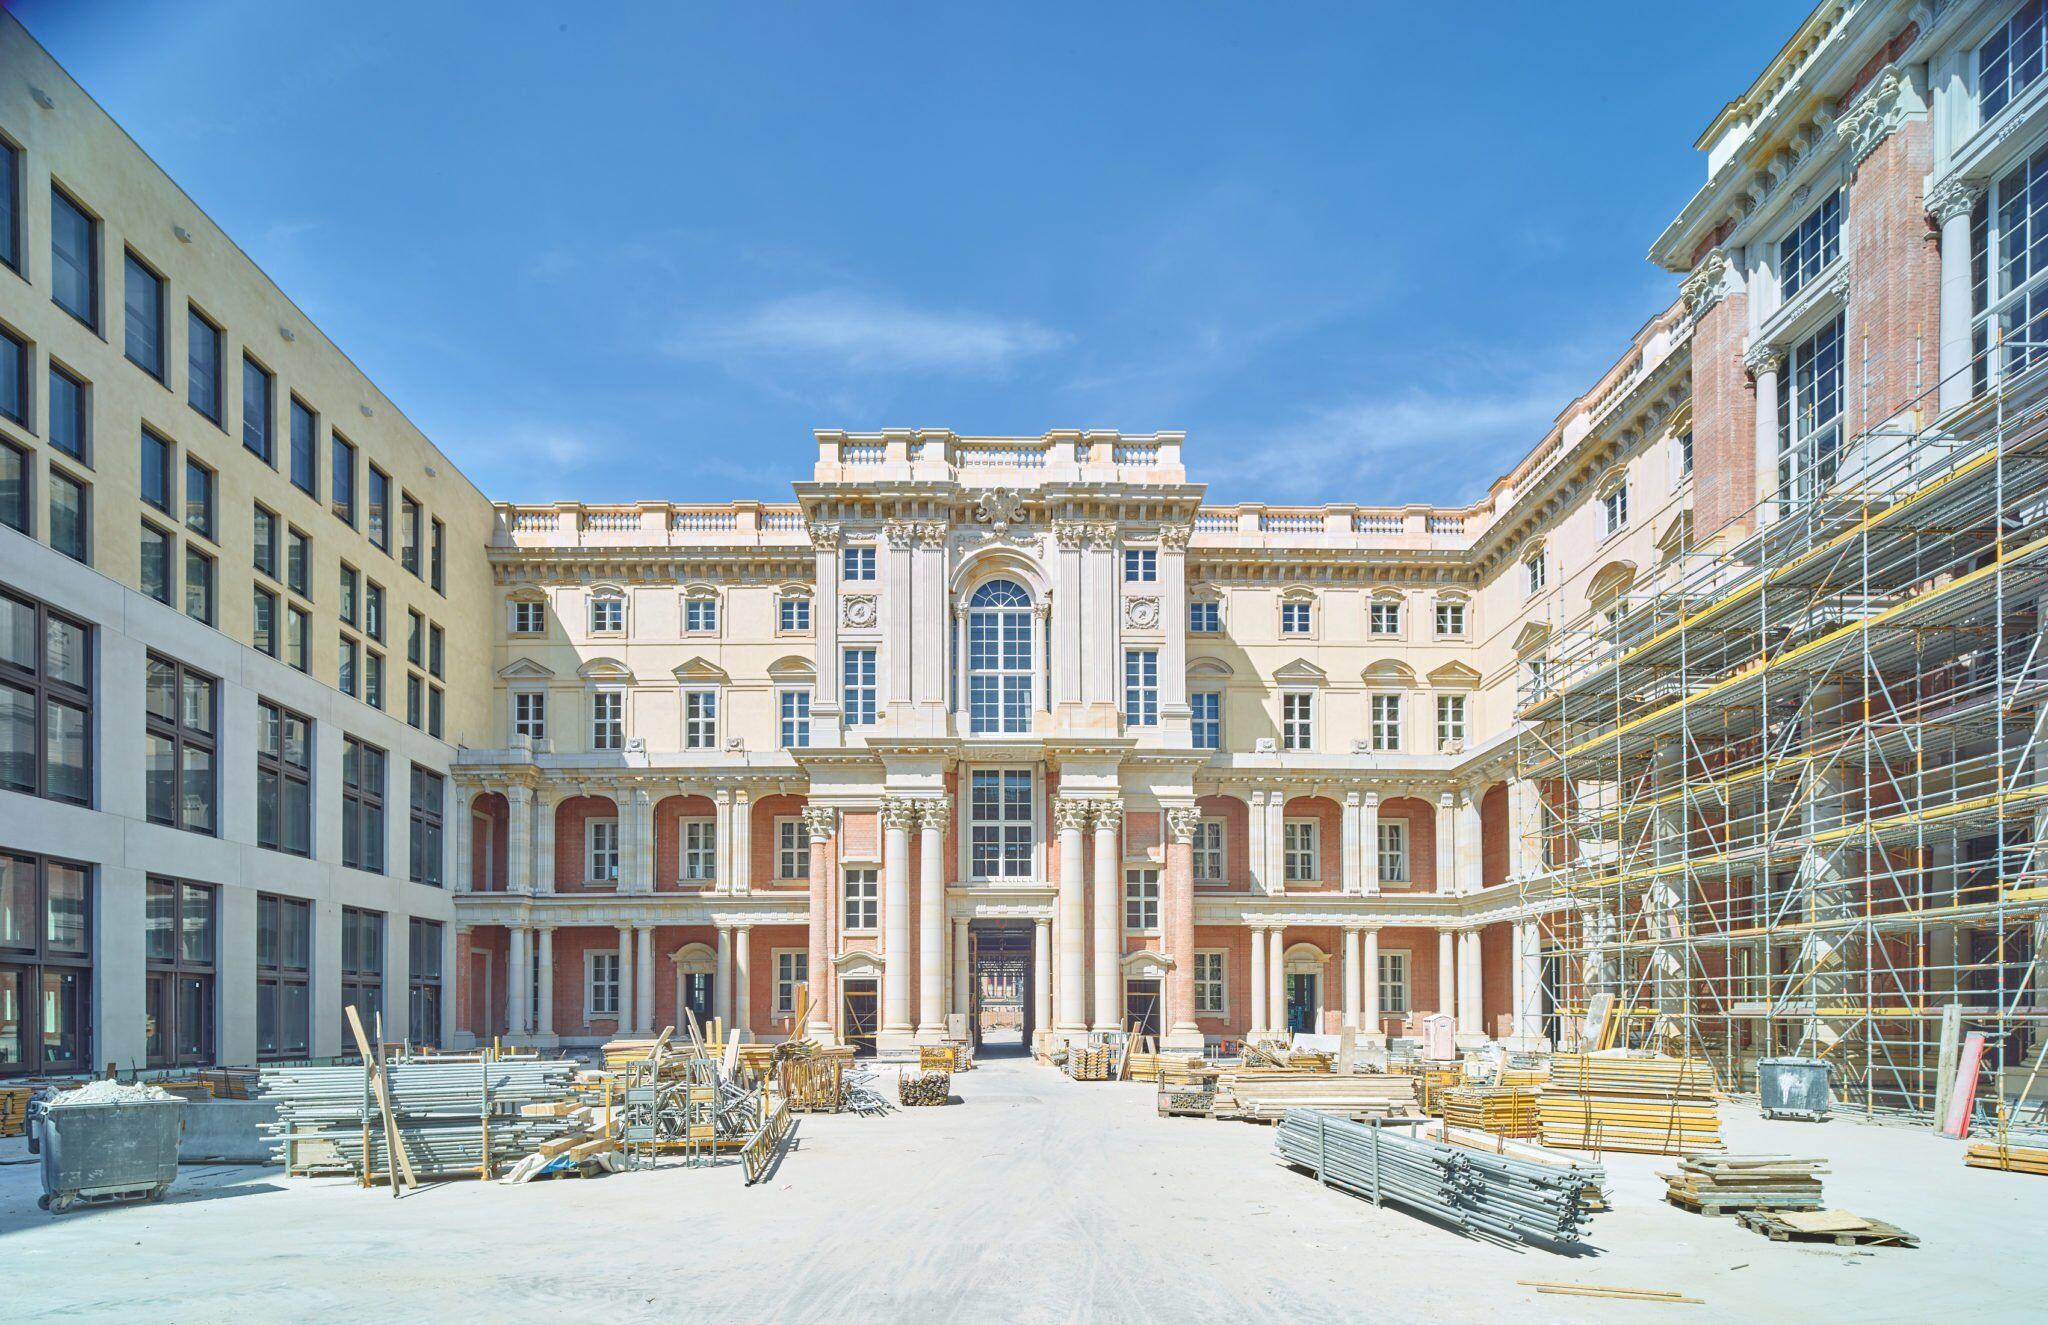 humboldt-forum-el-nuevo-icono-de-berlin-abre-sus-puertas-3-alt